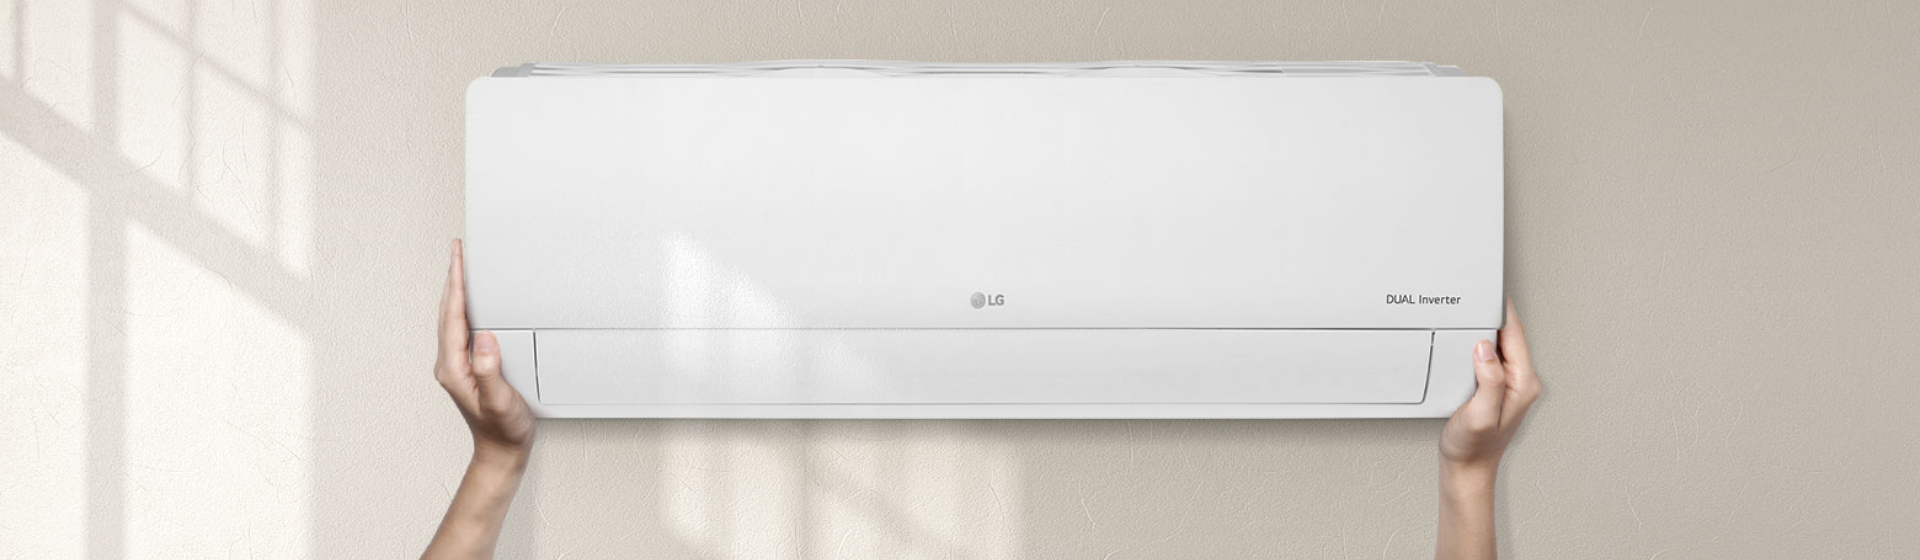 Ar-condicionado LG Dual Inverter Voice: análise da ficha técnica